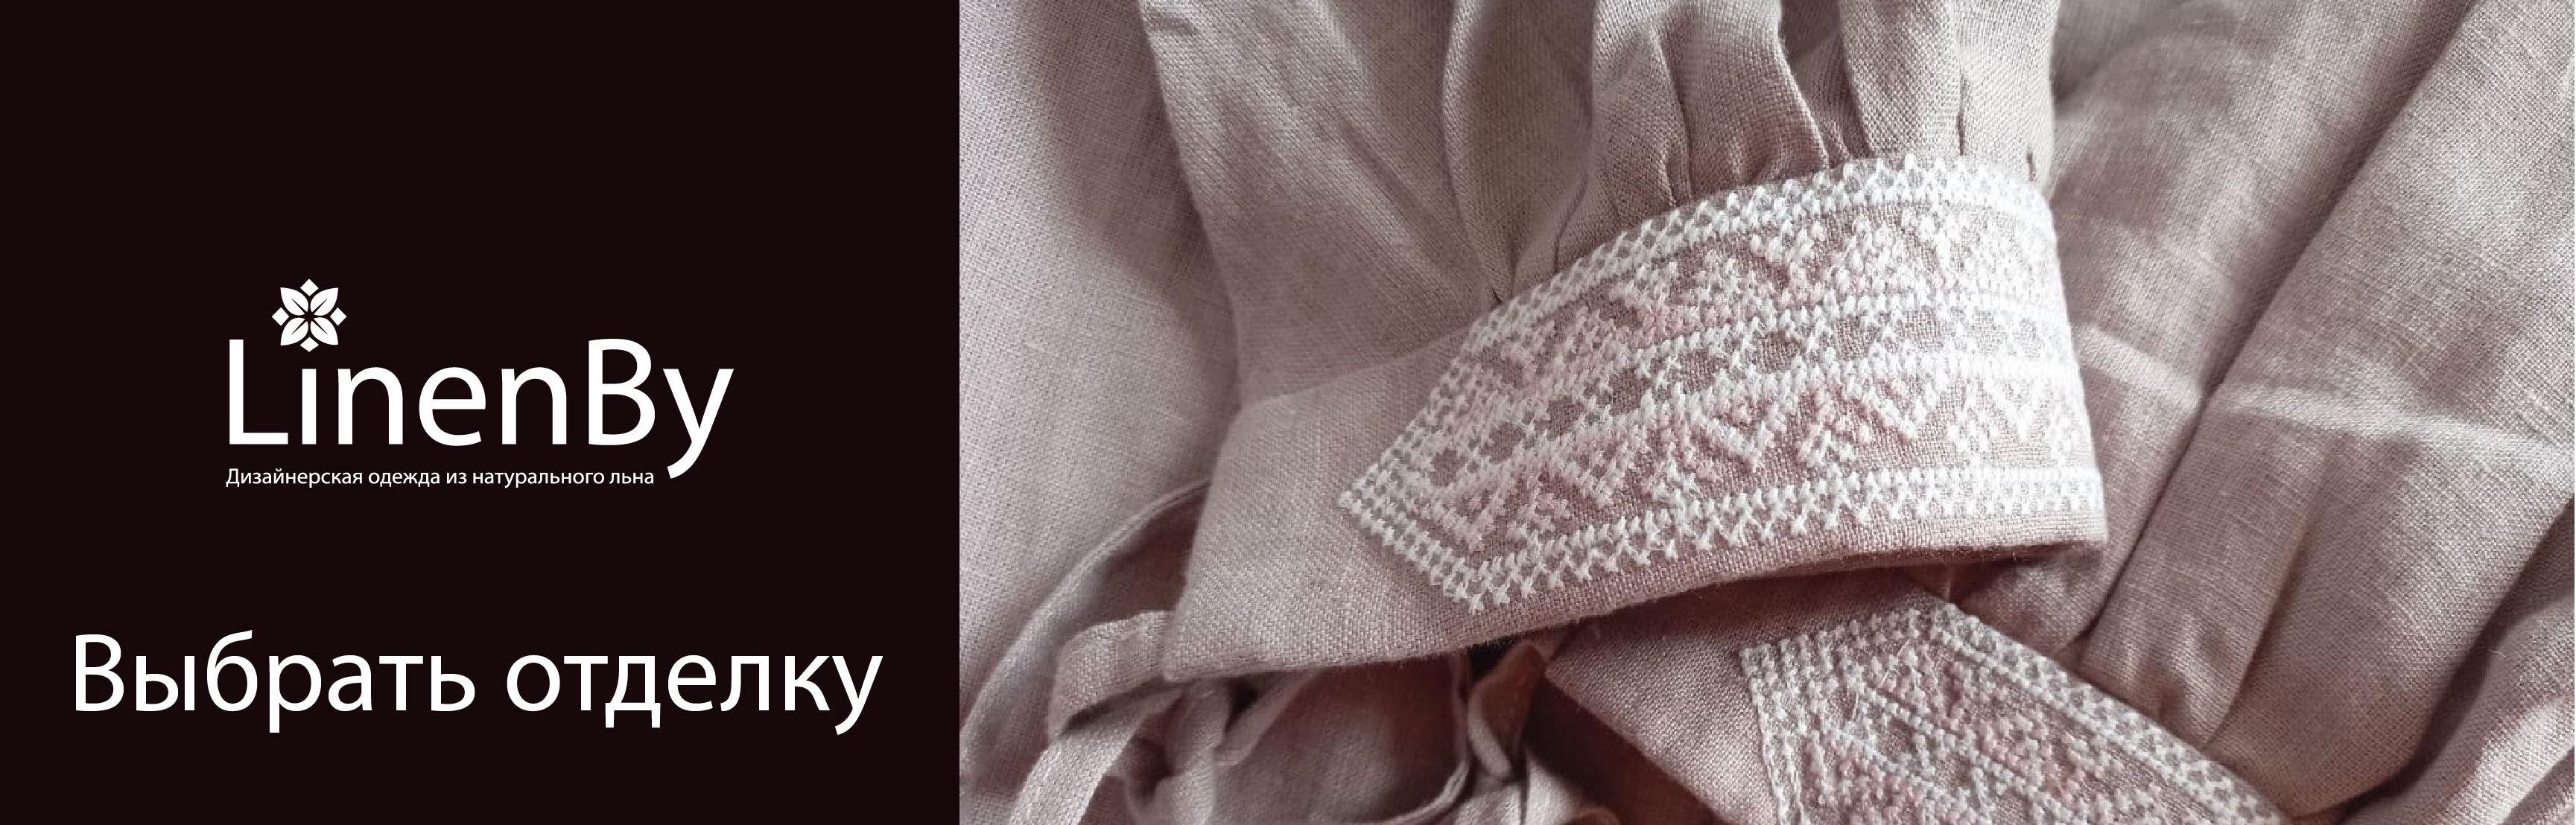 Выбрать дизайн вышивки